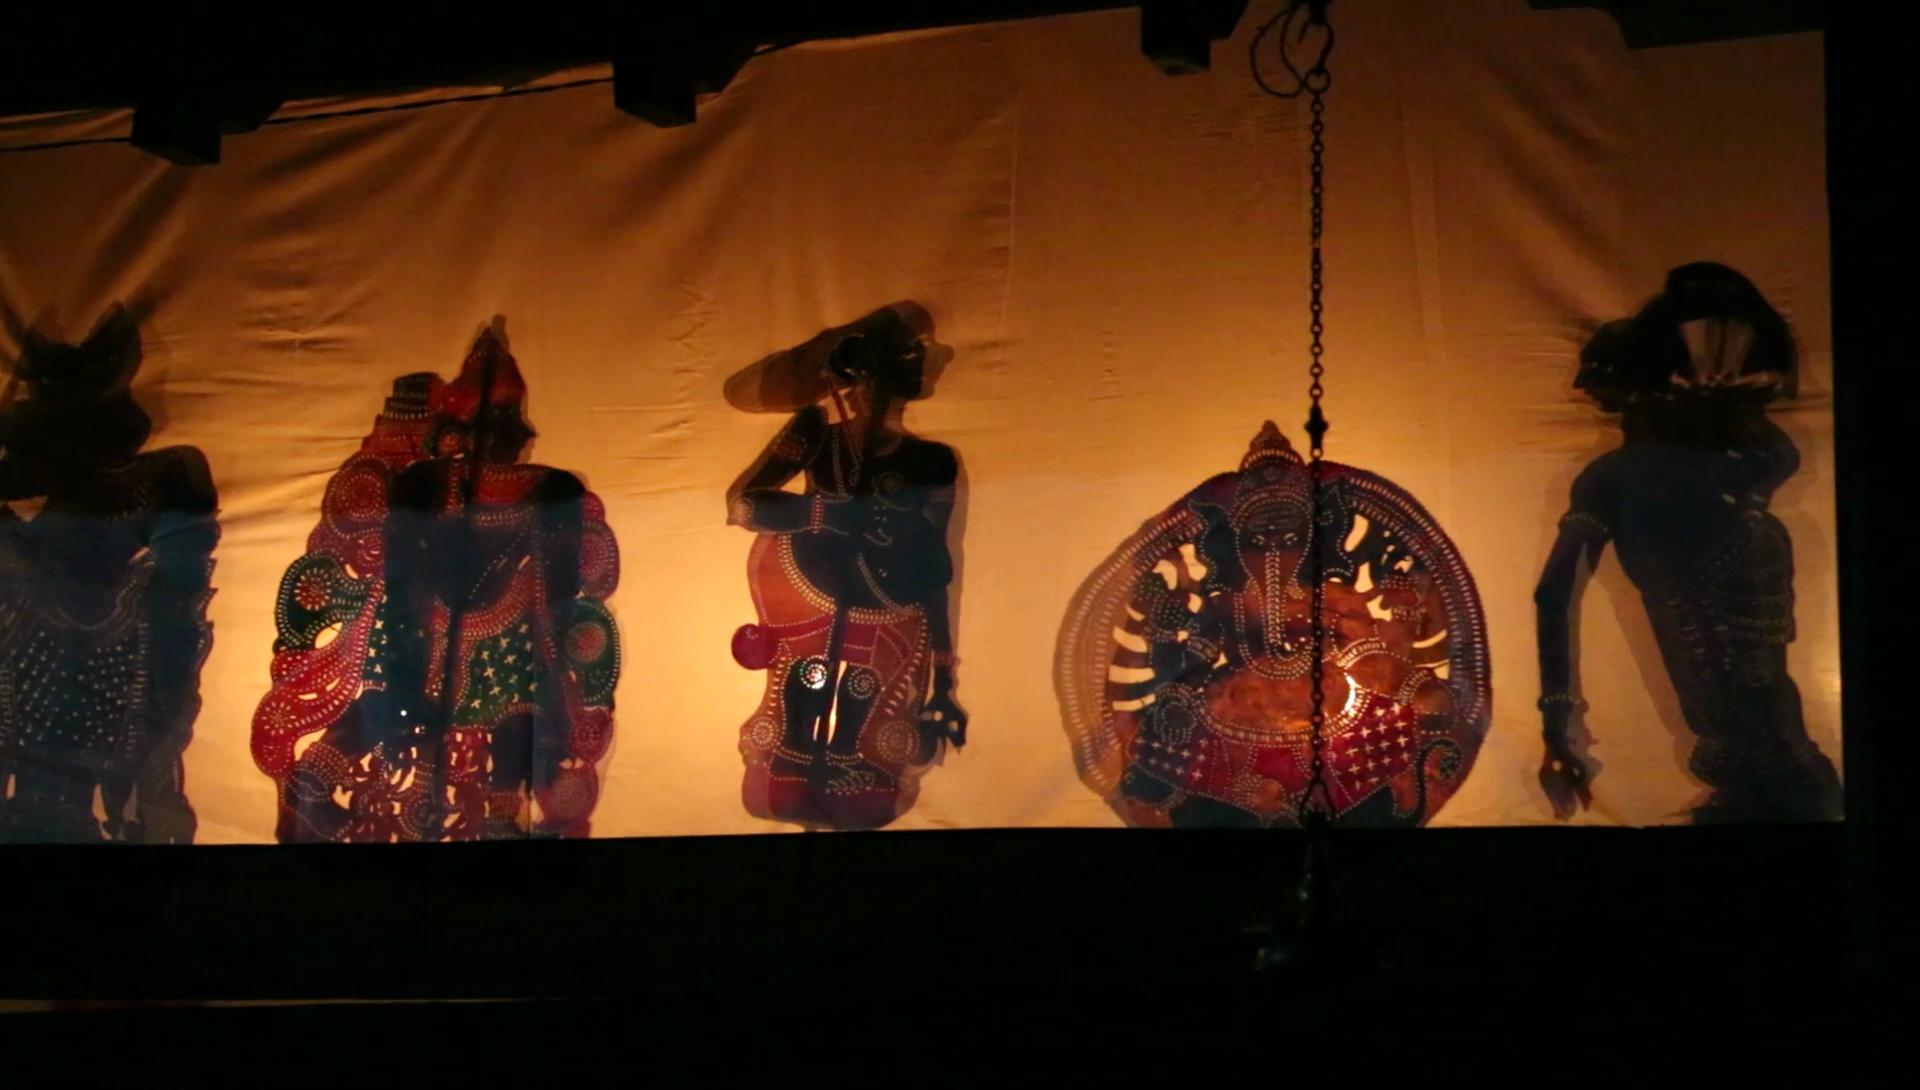 Invo<em>c</em>ation à Ganesh au début d'un spe<em>c</em>ta<em>c</em>le de <em>tolpava koothu</em>, le théâtre d'ombres traditionnel du Kerala, en Inde. Photo réproduite avec l'aimable autorisation de Atul Sinha